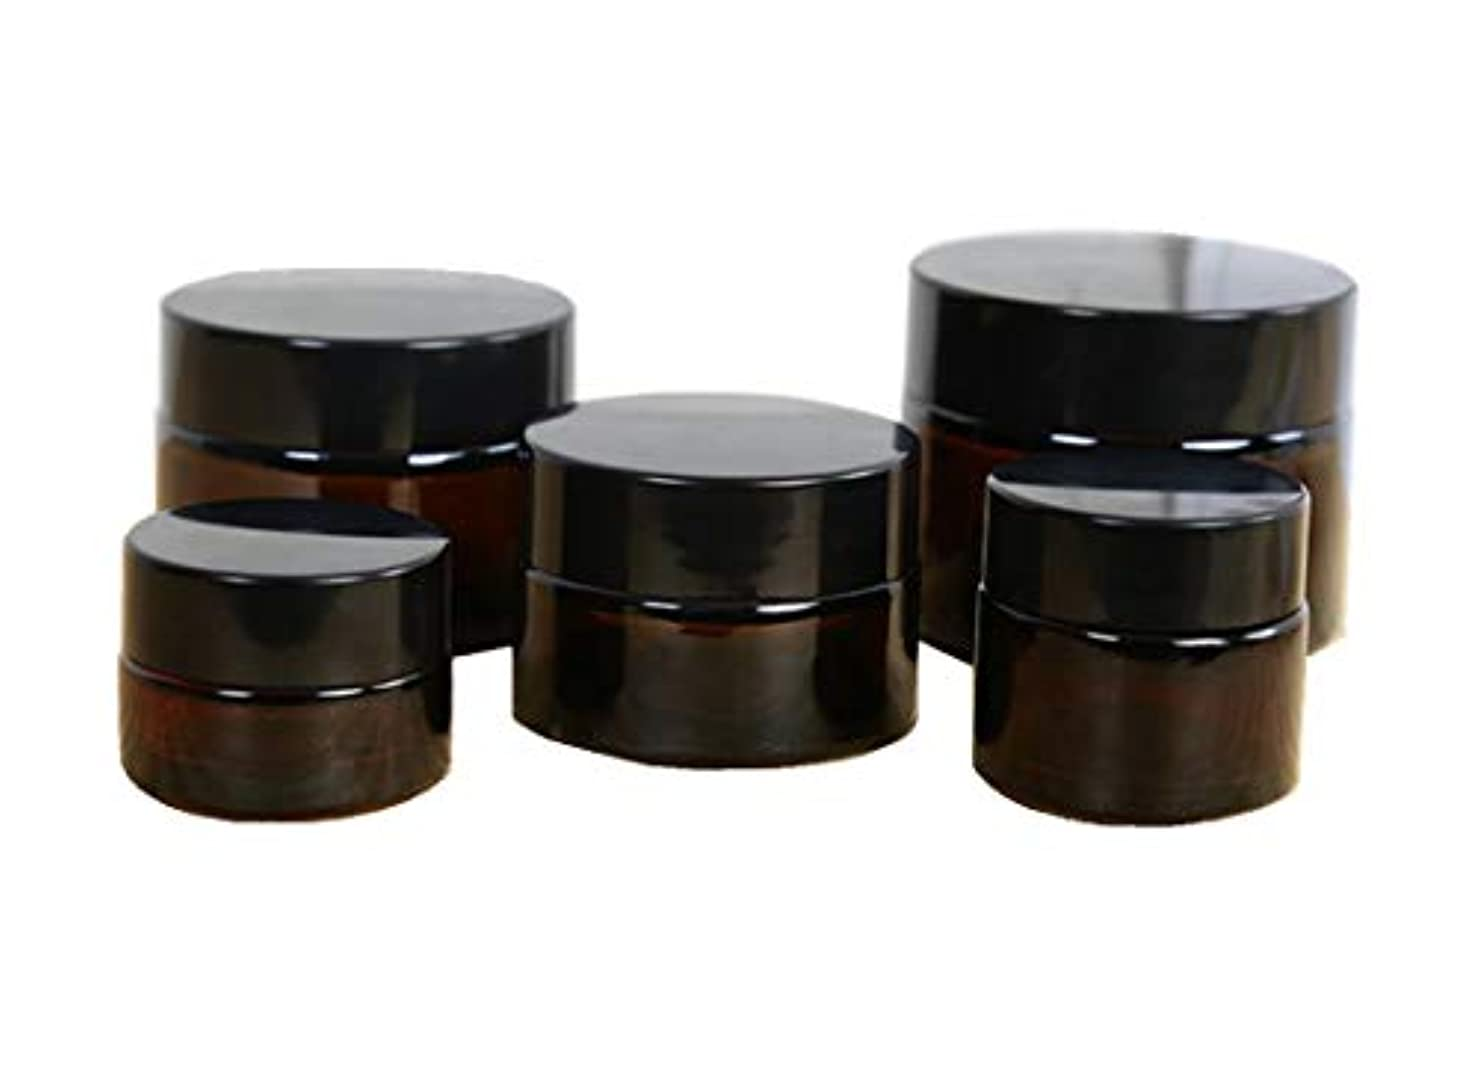 支給チラチラするファンブルクリーム容器 遮光瓶 ハンドクリーム 容器 ガラス製 ボトル 茶色 詰替え 保存用 10g/20g/30g/50g/100g 5個セット